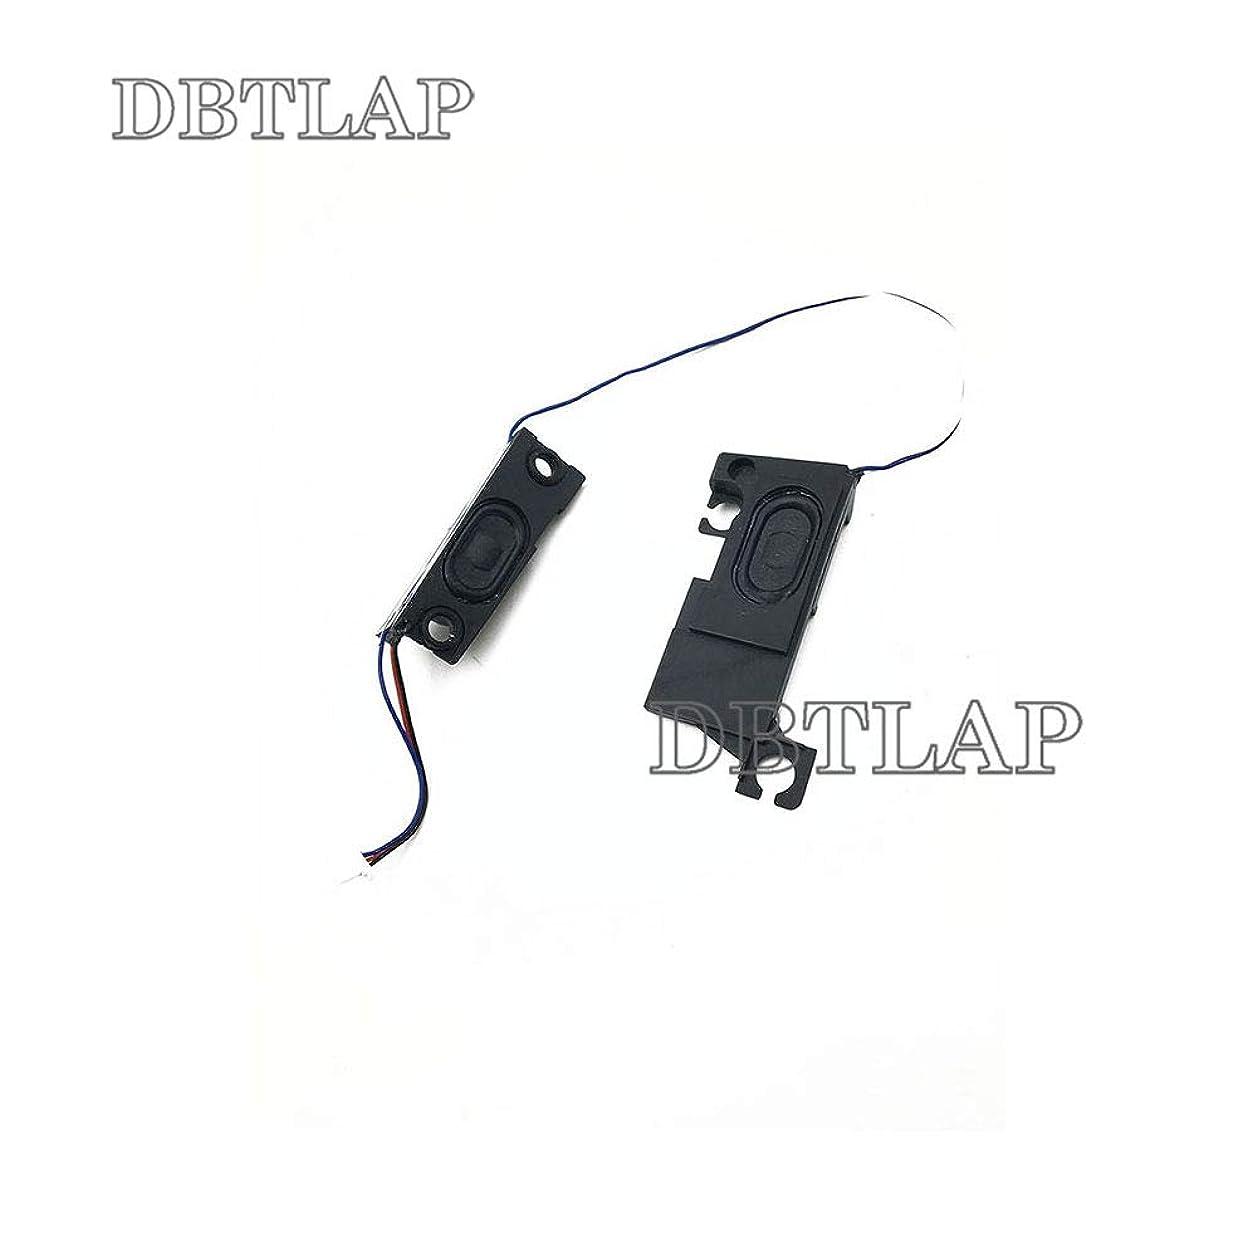 代わりにペダル浸透するDBTLAP ノートパソコン 内部 スピーカー 用 Dell 11X M11X 内蔵 スピーカー set R1NF 0R1NF PK23000D800